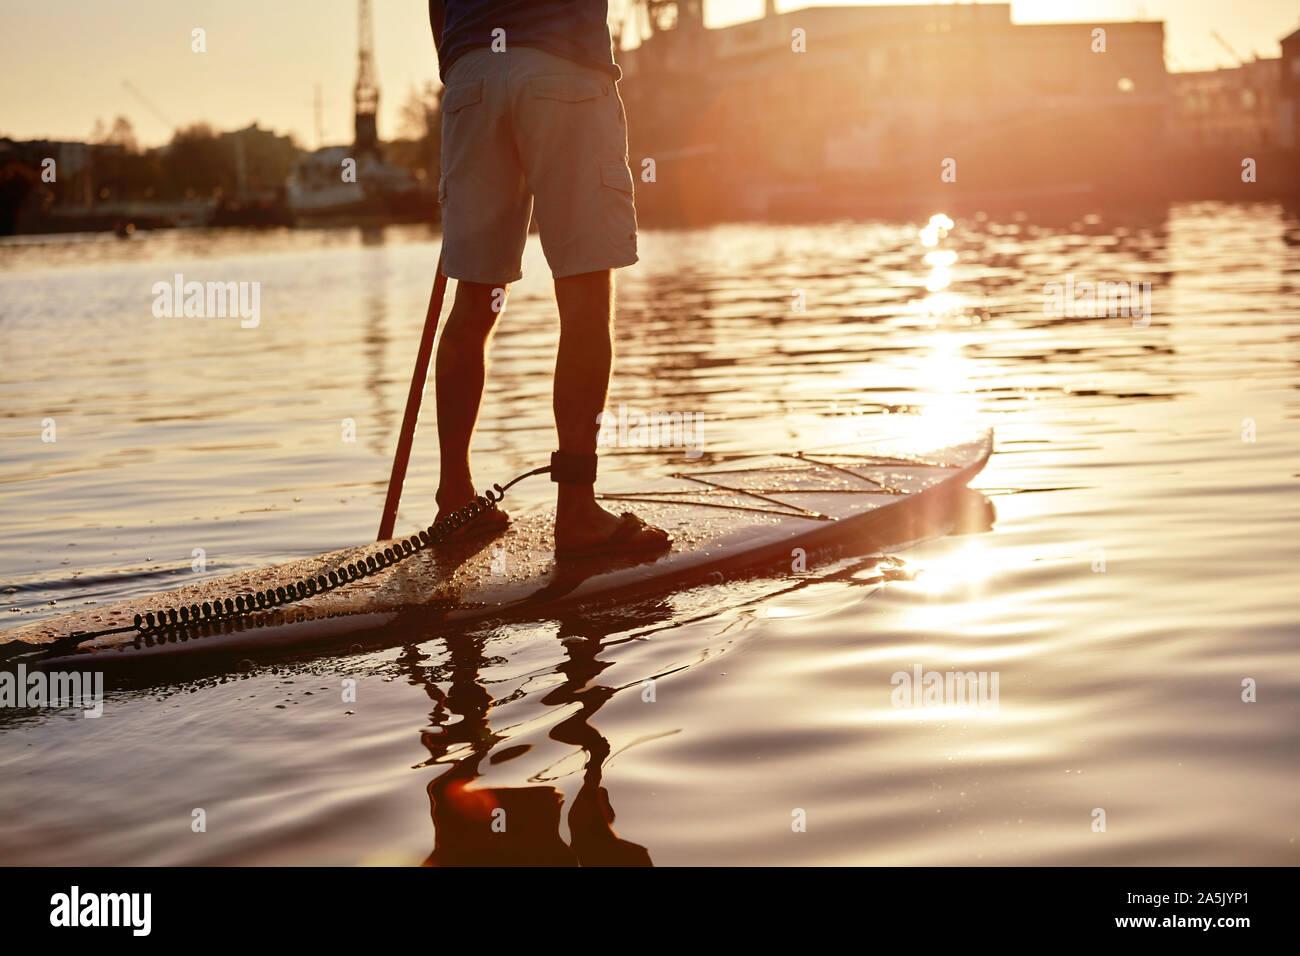 Homme debout sur le paddleboard sur rivière à l'aube, tourné par derrière Banque D'Images